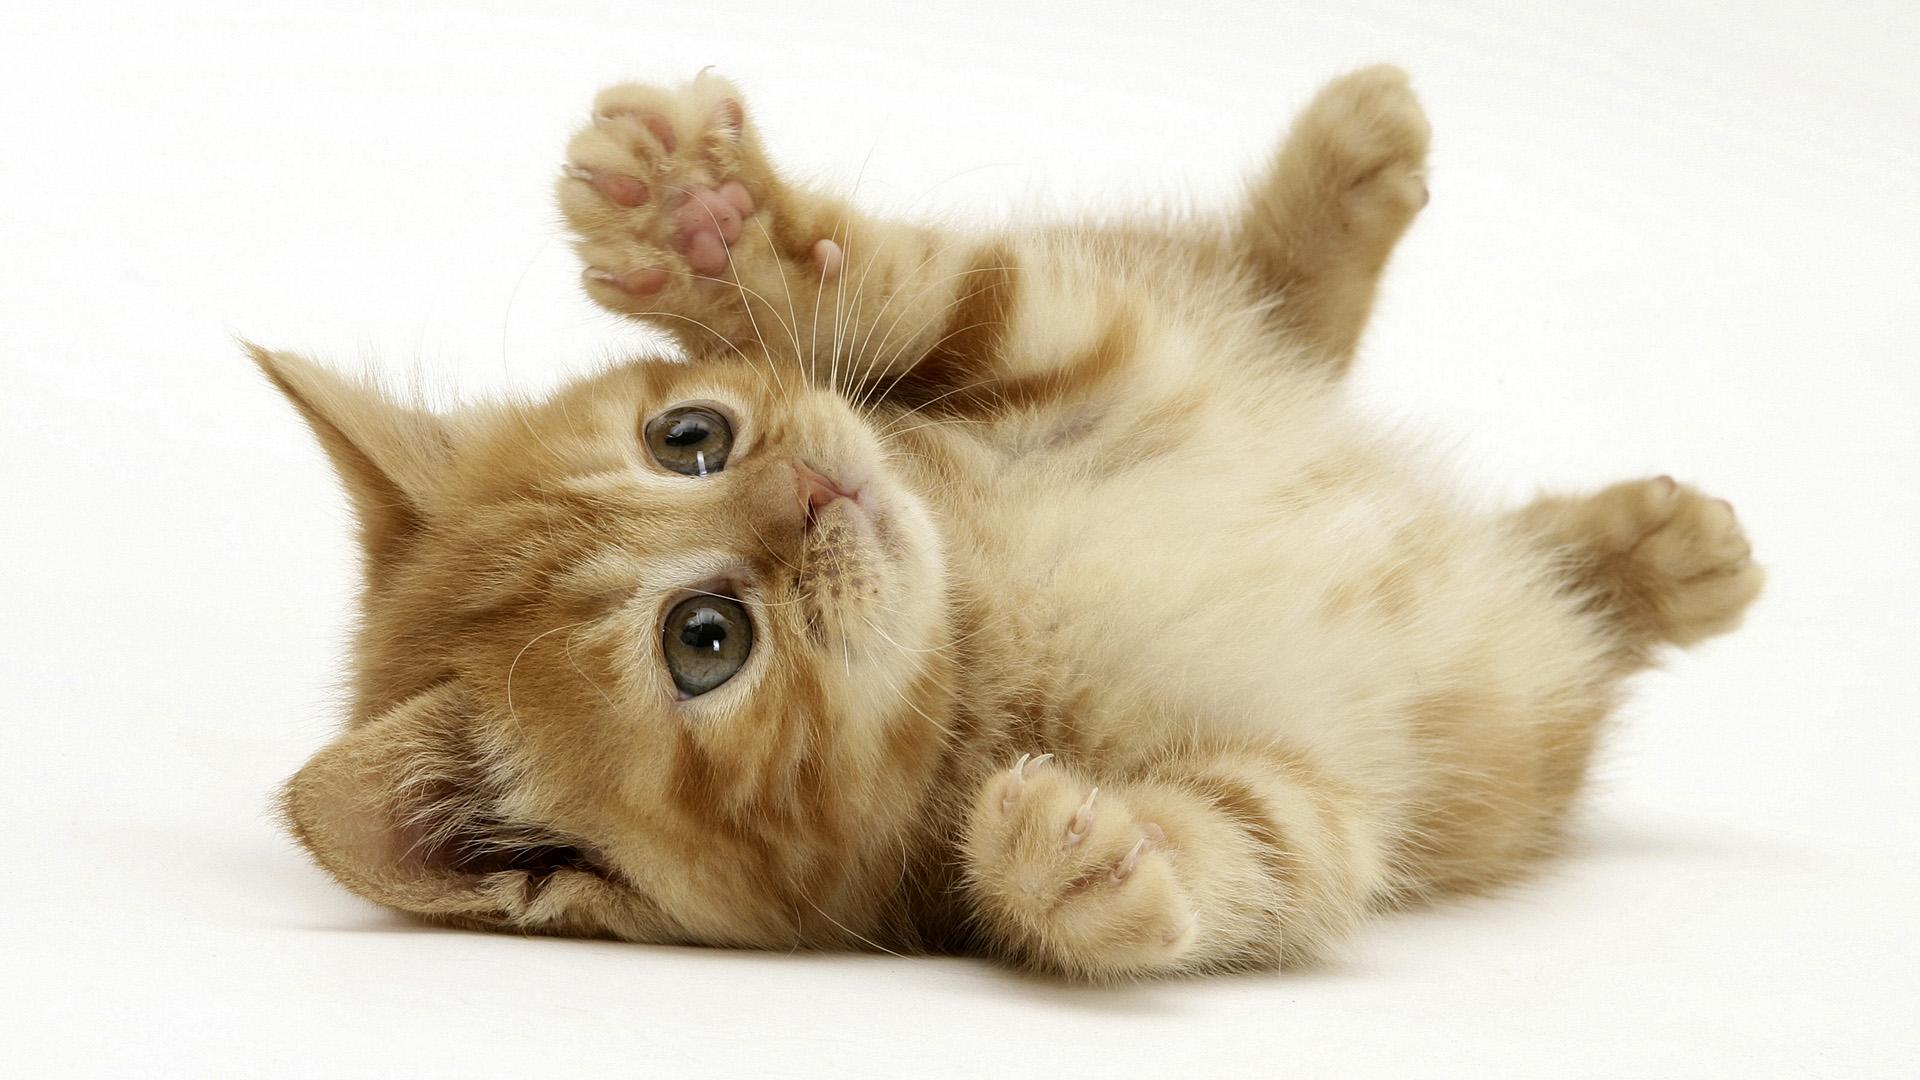 Cuccioli di gatto sdraiato sulla schiena